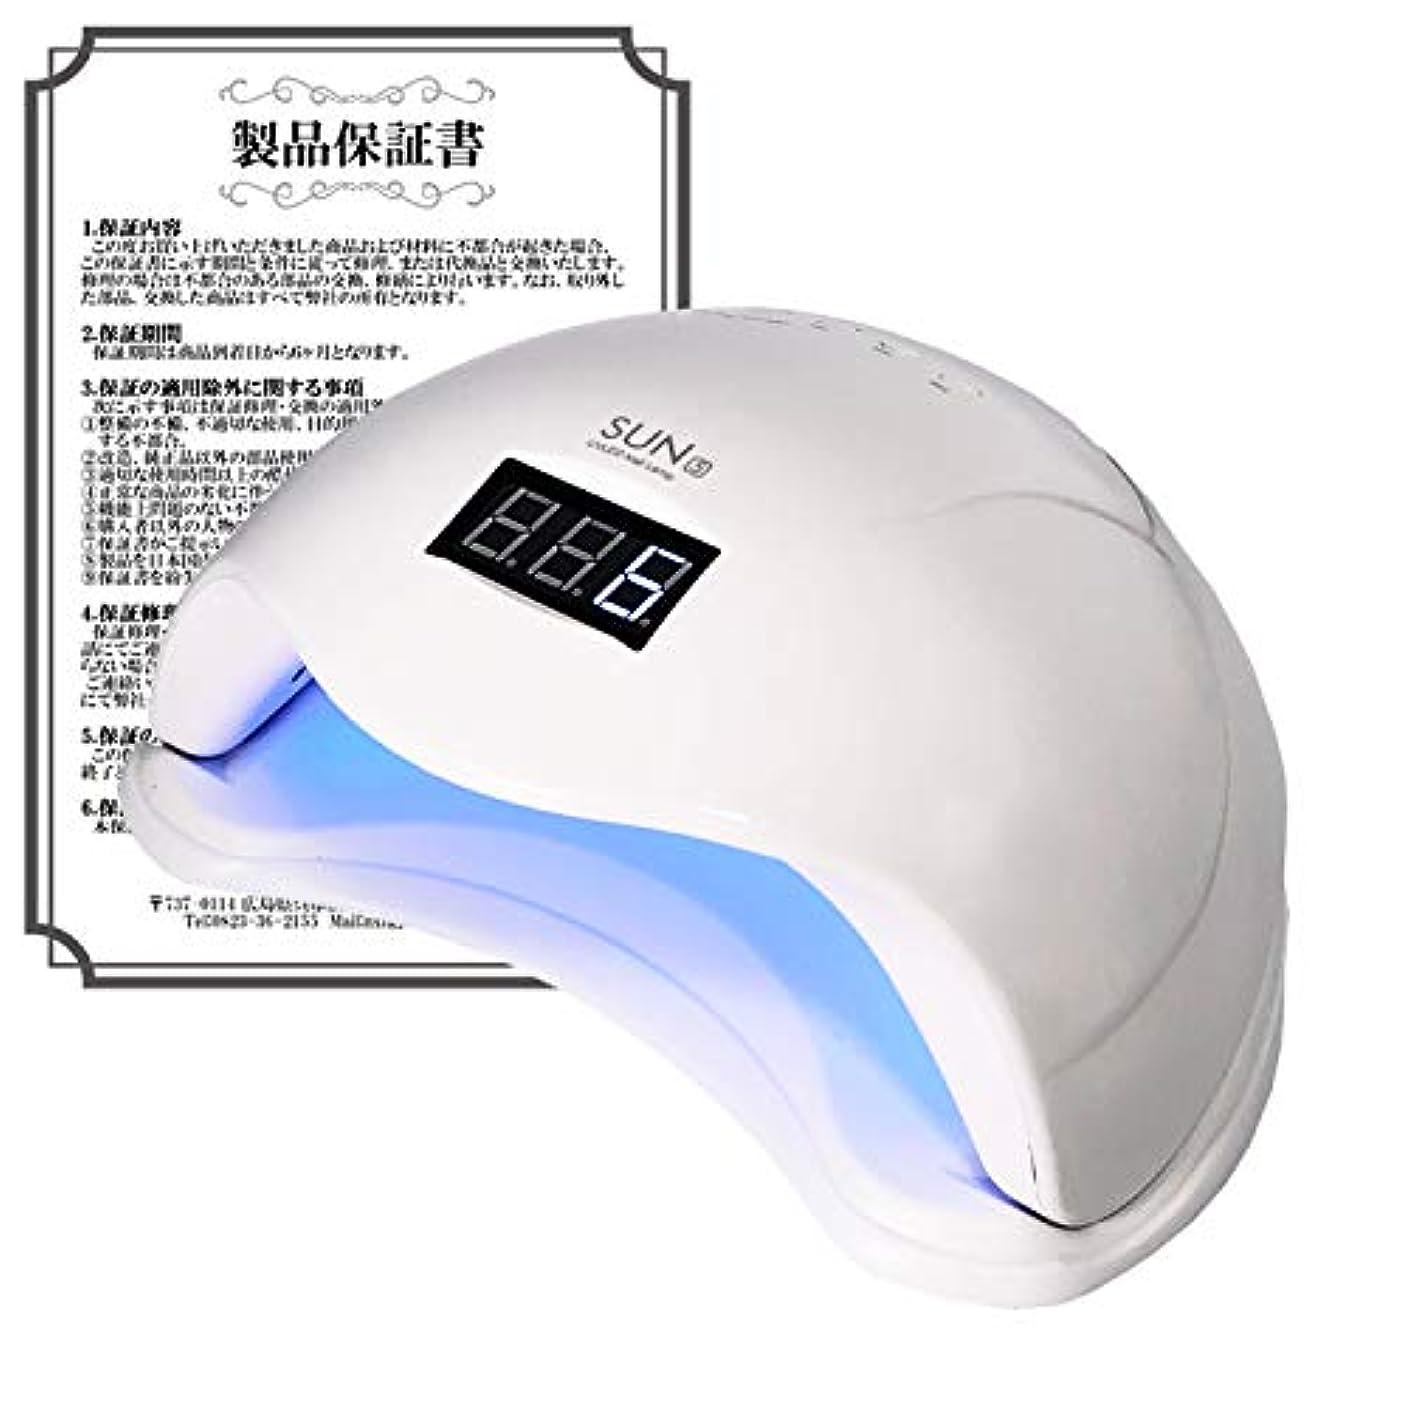 時計カナダ脊椎LEDライト UVライト 48W 簡単センサー付 低ヒート機能で安心 安心6ヶ月保証AQUA NAIL(ホワイト)